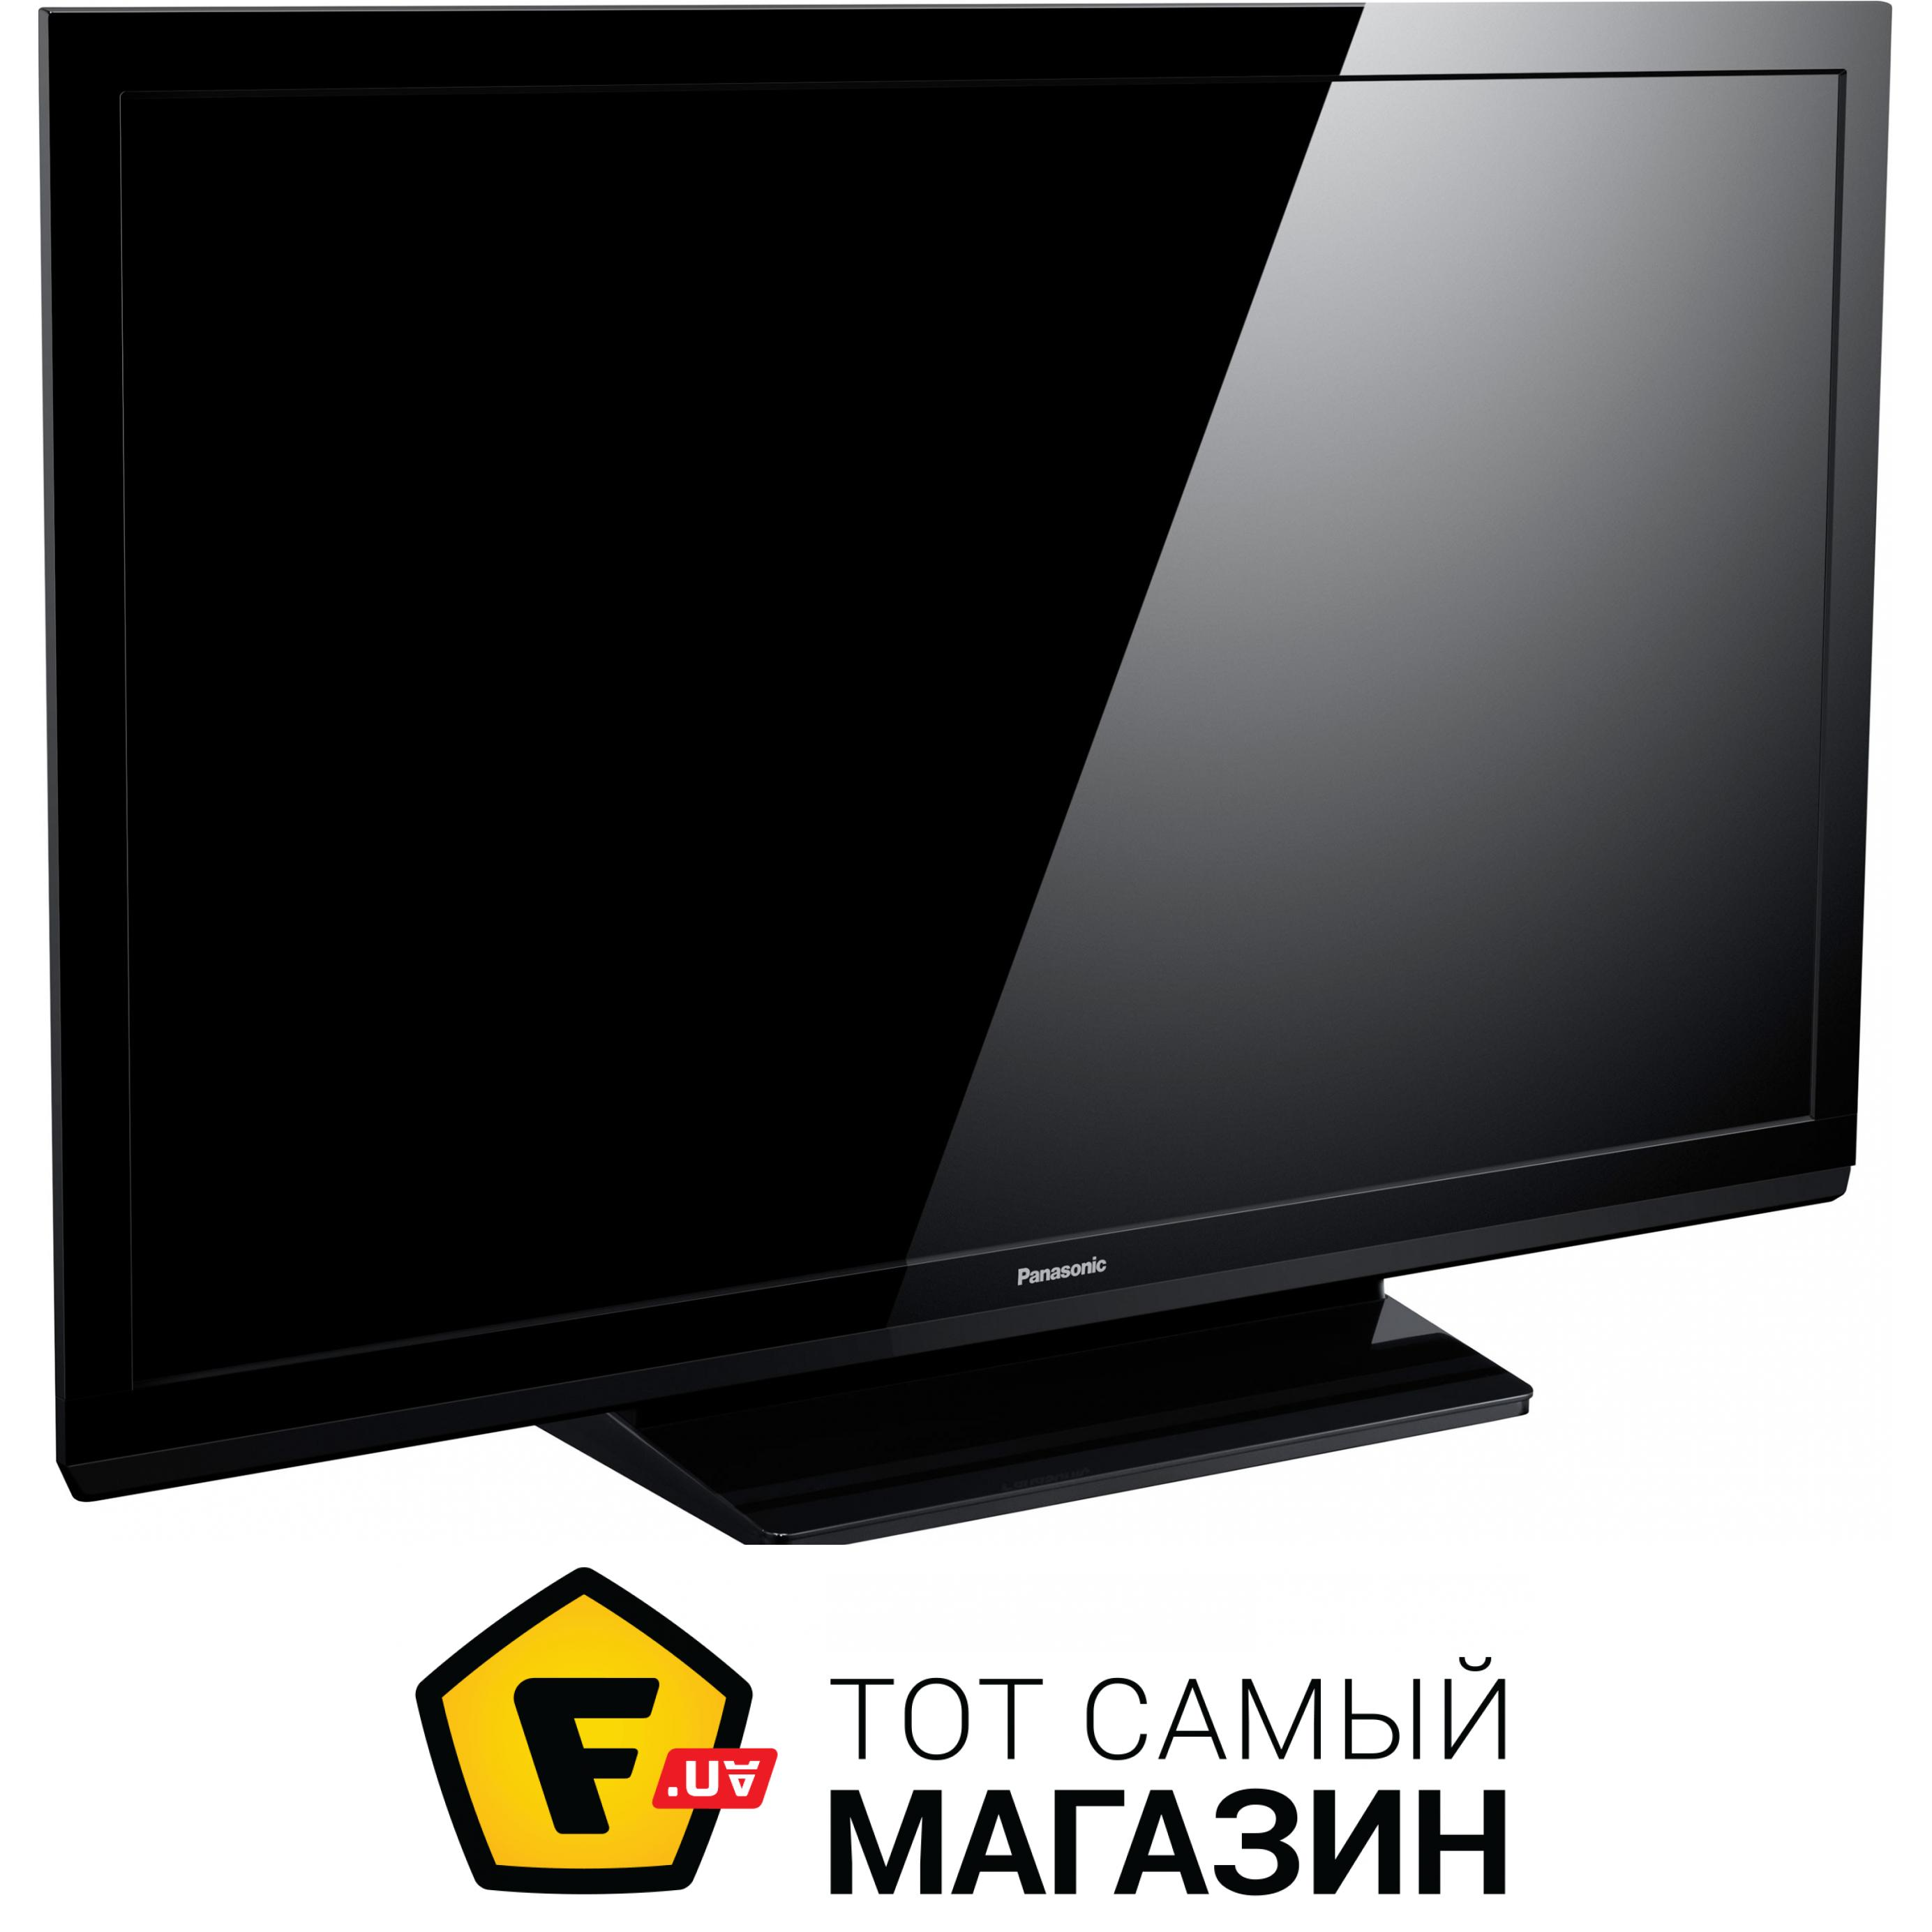 телевизор панасоник картинка в картинке вторая часть программы